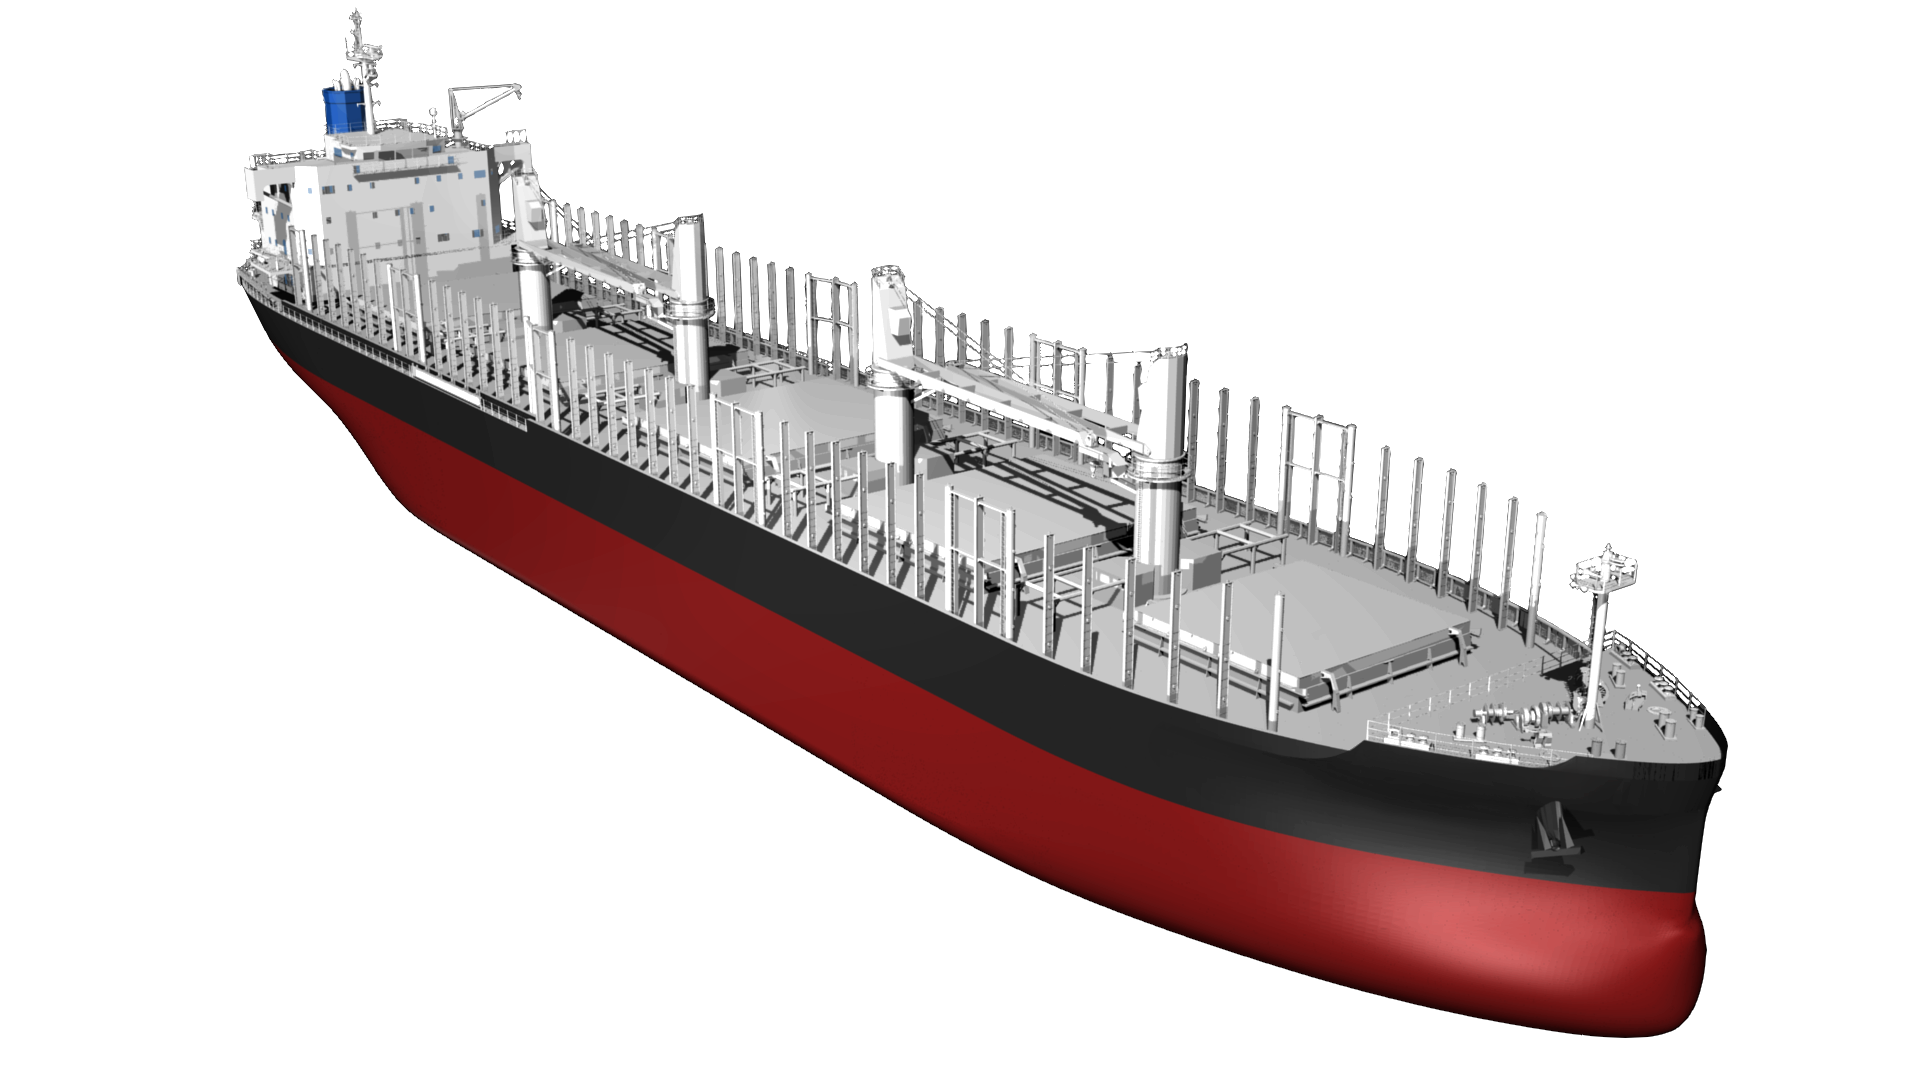 日本国内船东首次订购常石造船新开发的38,300吨级木材及散货船TESS38